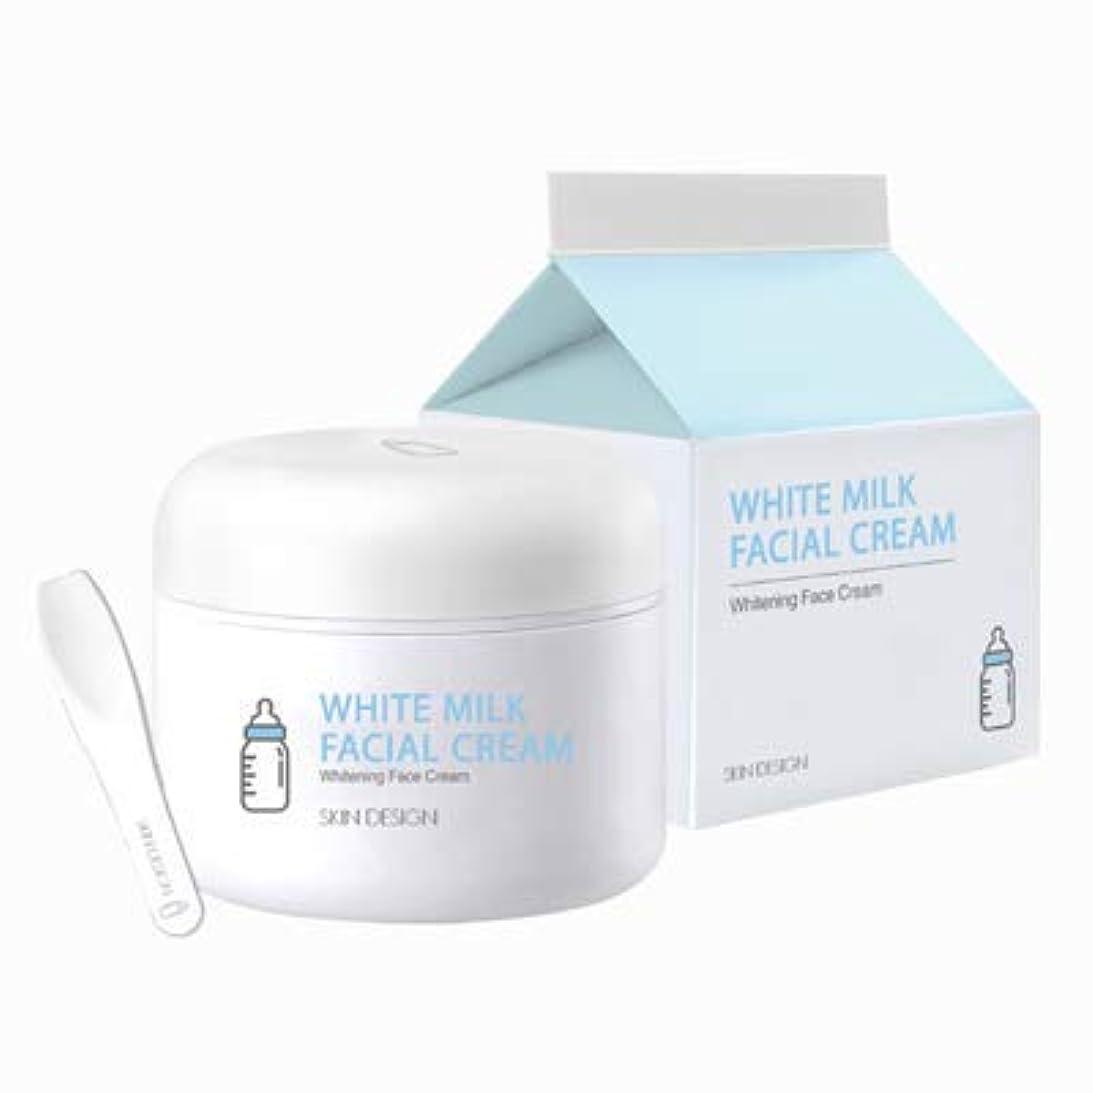 インクログを除く【SKIN DESIGN】スキンデザイン ホワイトミルククリーム White Milk Facial Cream ウユクリーム (50ml)